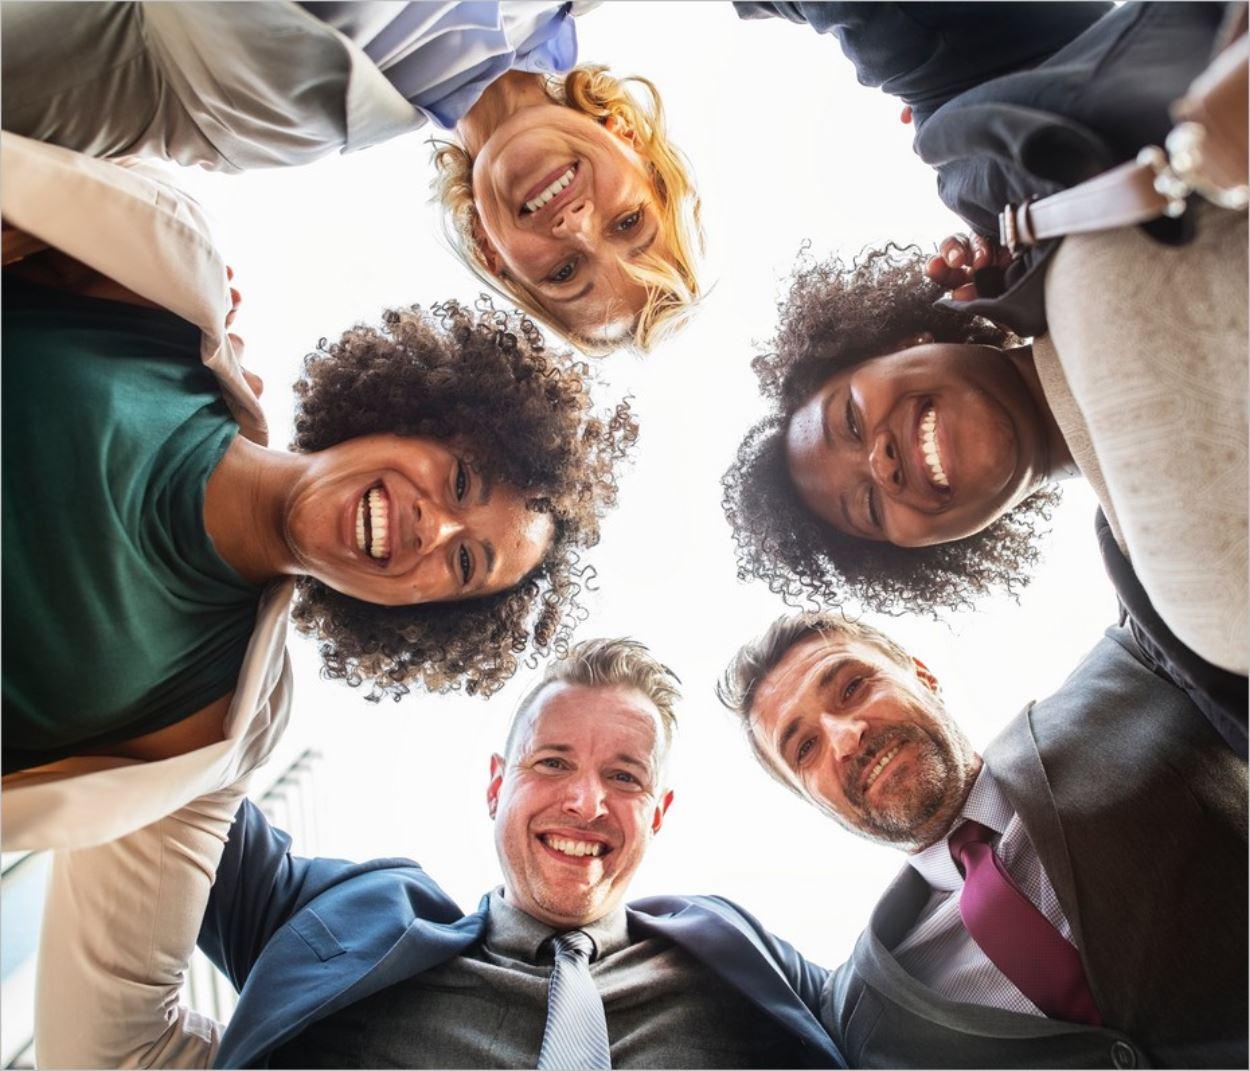 Preuve sociale et rire : quand les réactions des autres sont contagieuses